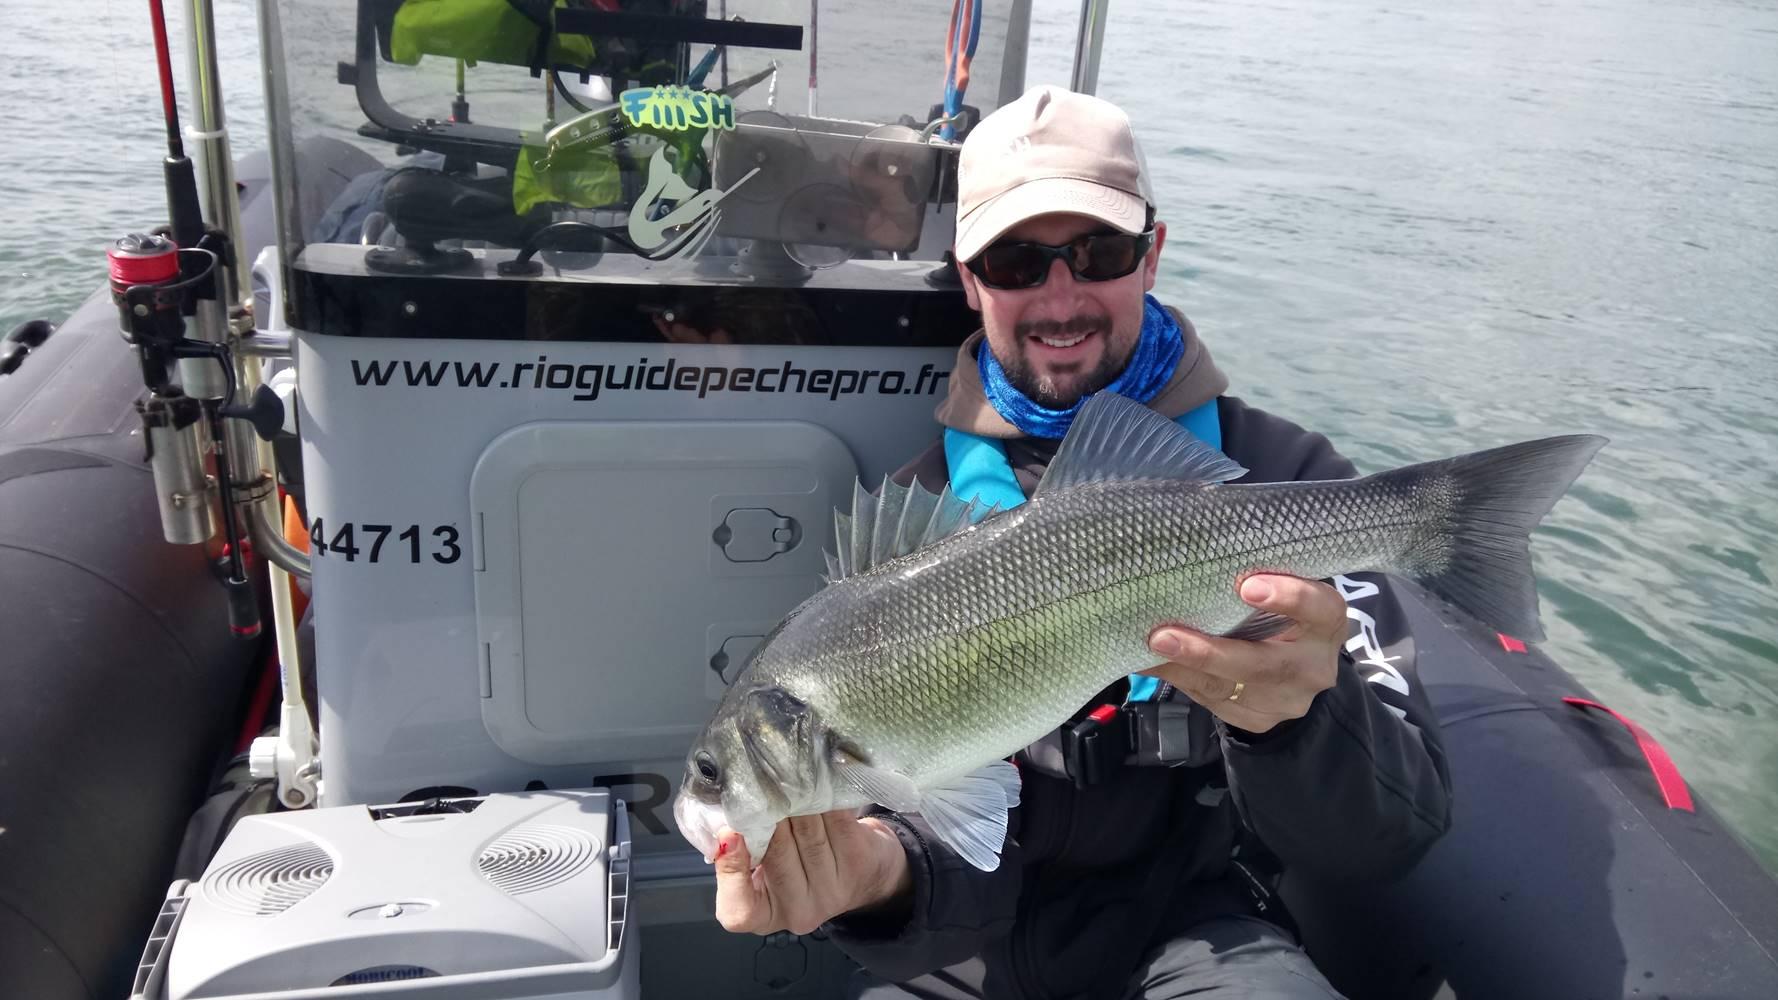 Guide de pêche Golfe du Morbihan, Sarzeau, Presqu'île de Rhuys, pêche au bar, réservervation en ligne de votre journée de pêche ©